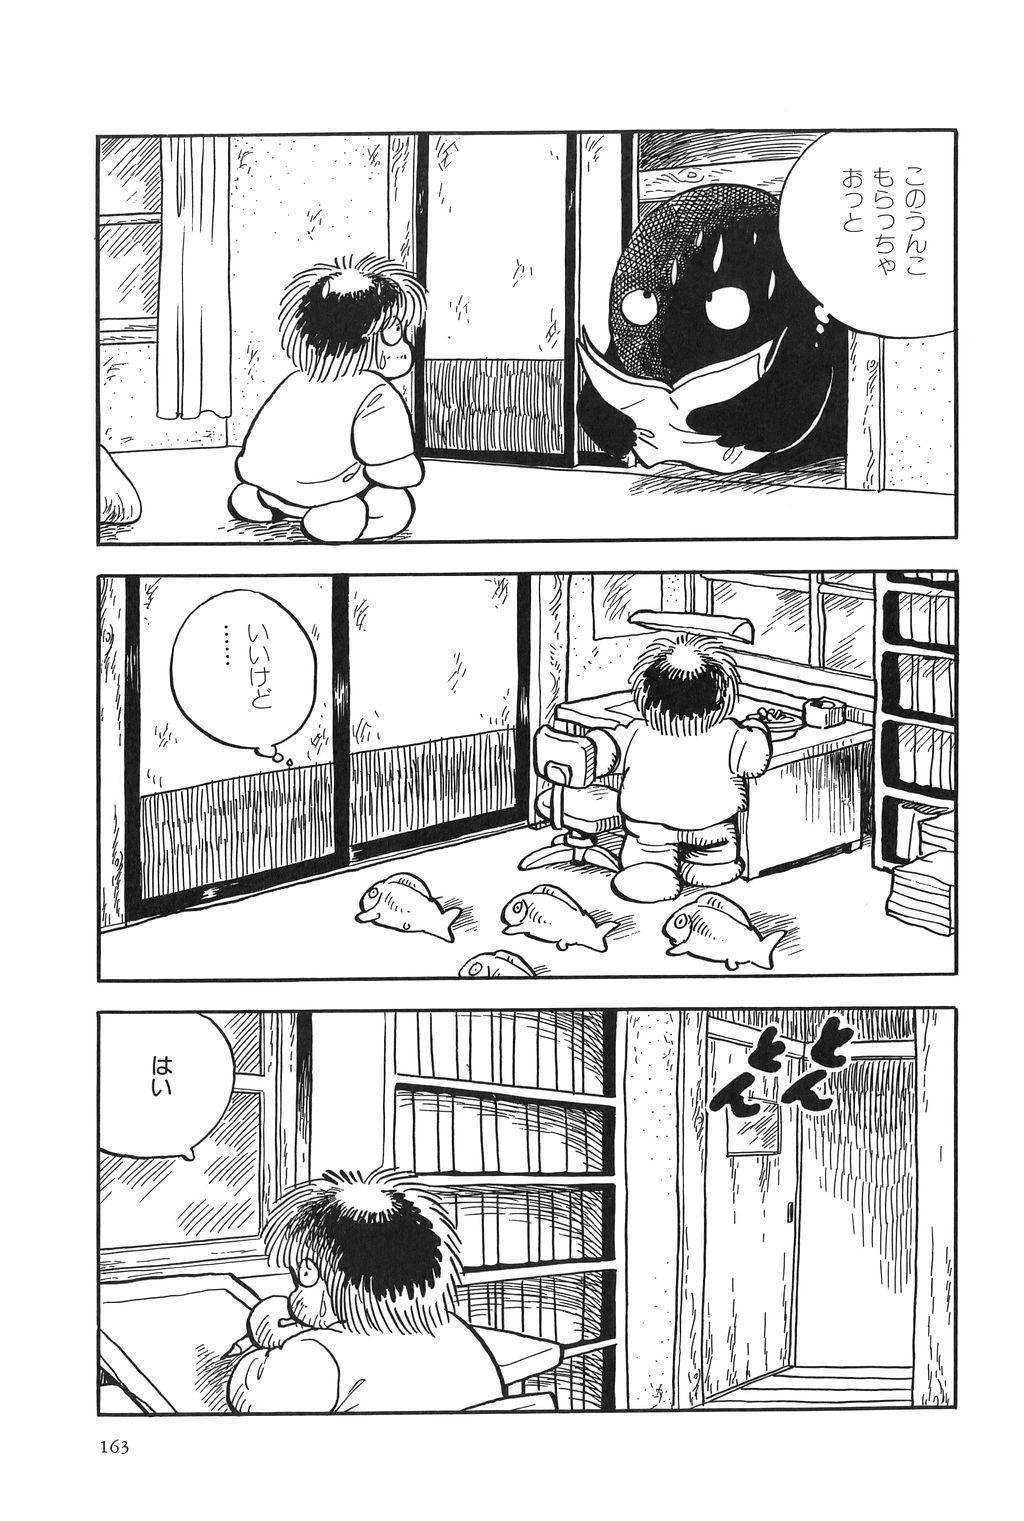 Azuma Hideo Sakuhin Shuusei - Yoru no Tobari no Naka de 165